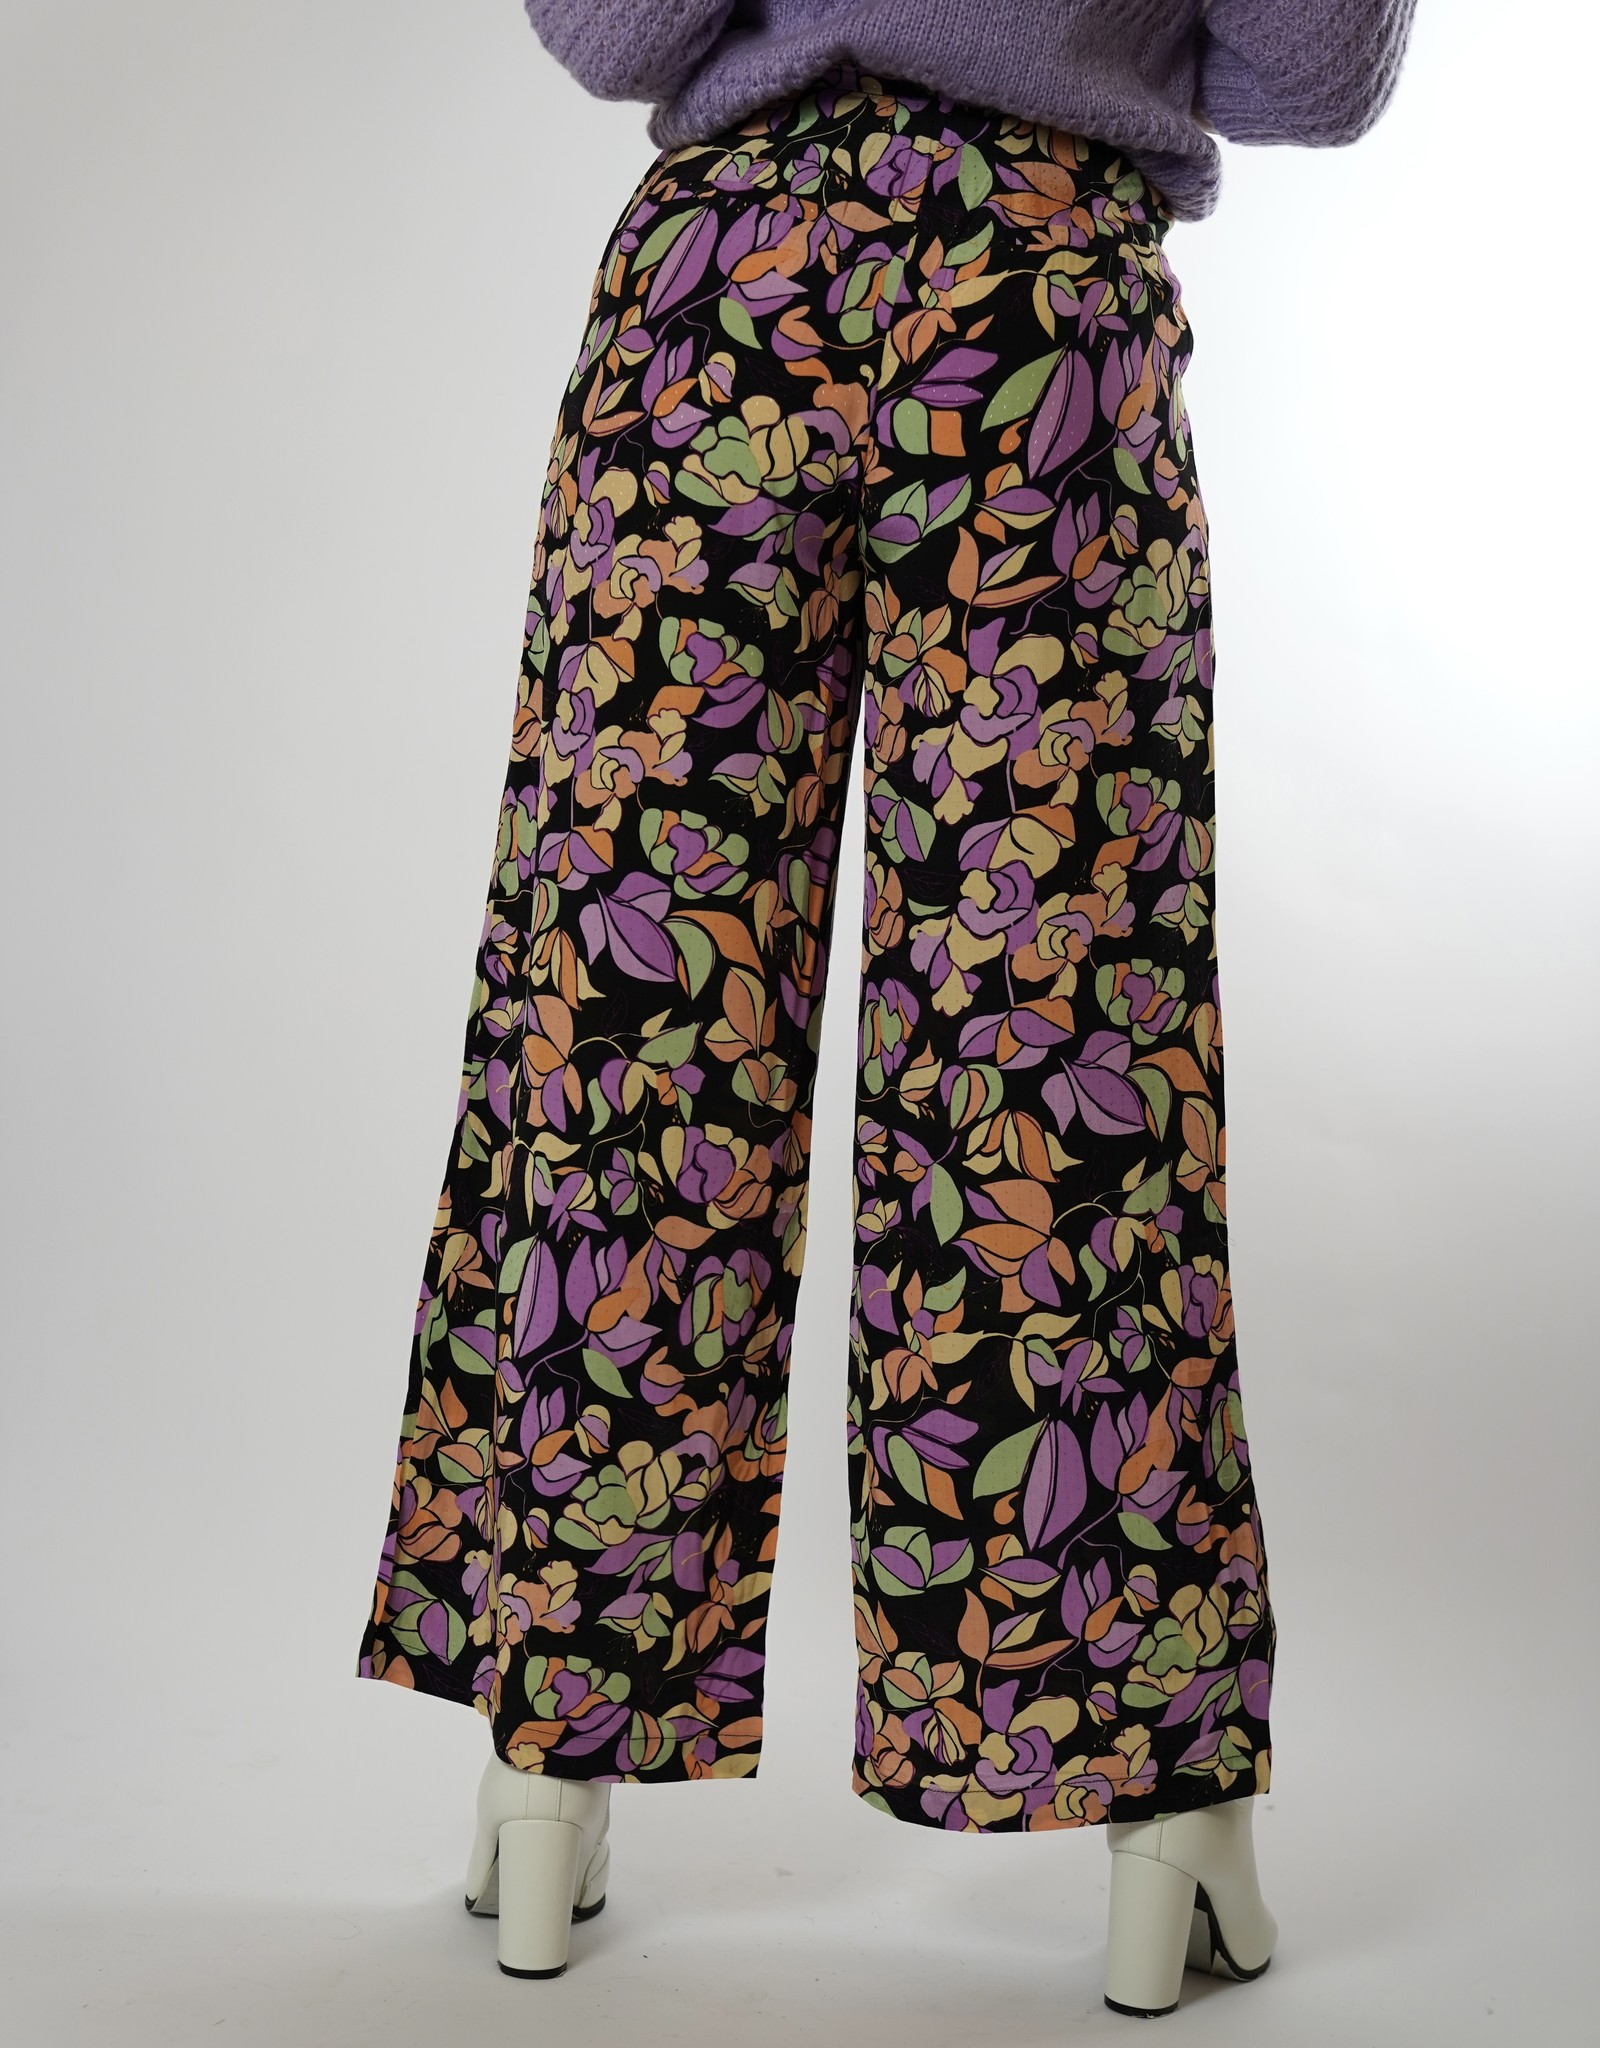 FRNCH FRNCH- Pandiale Pantalon